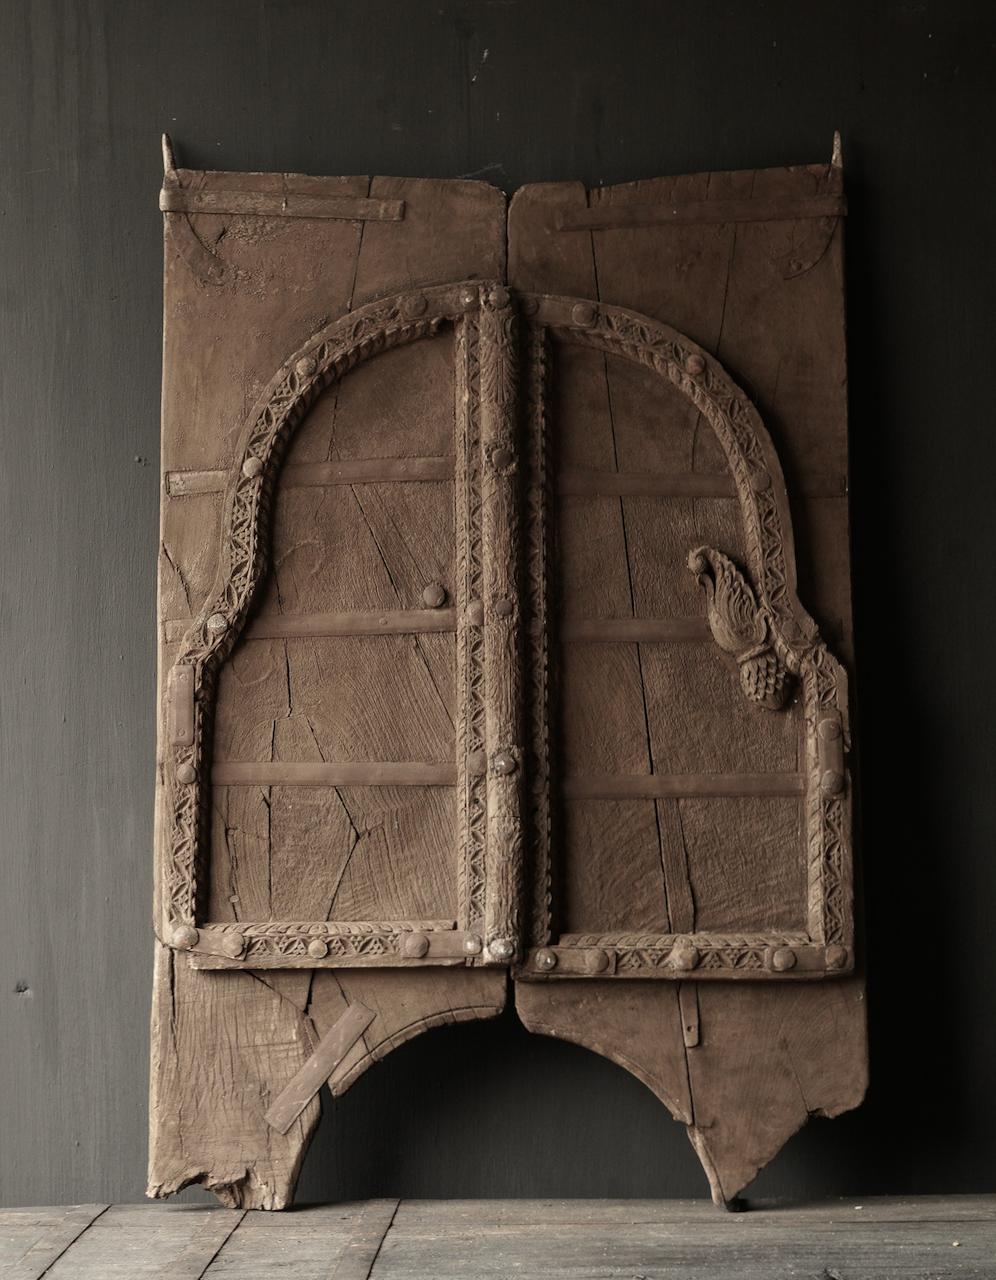 Robuste Holzluke aus altem Gebäude in Indien-5